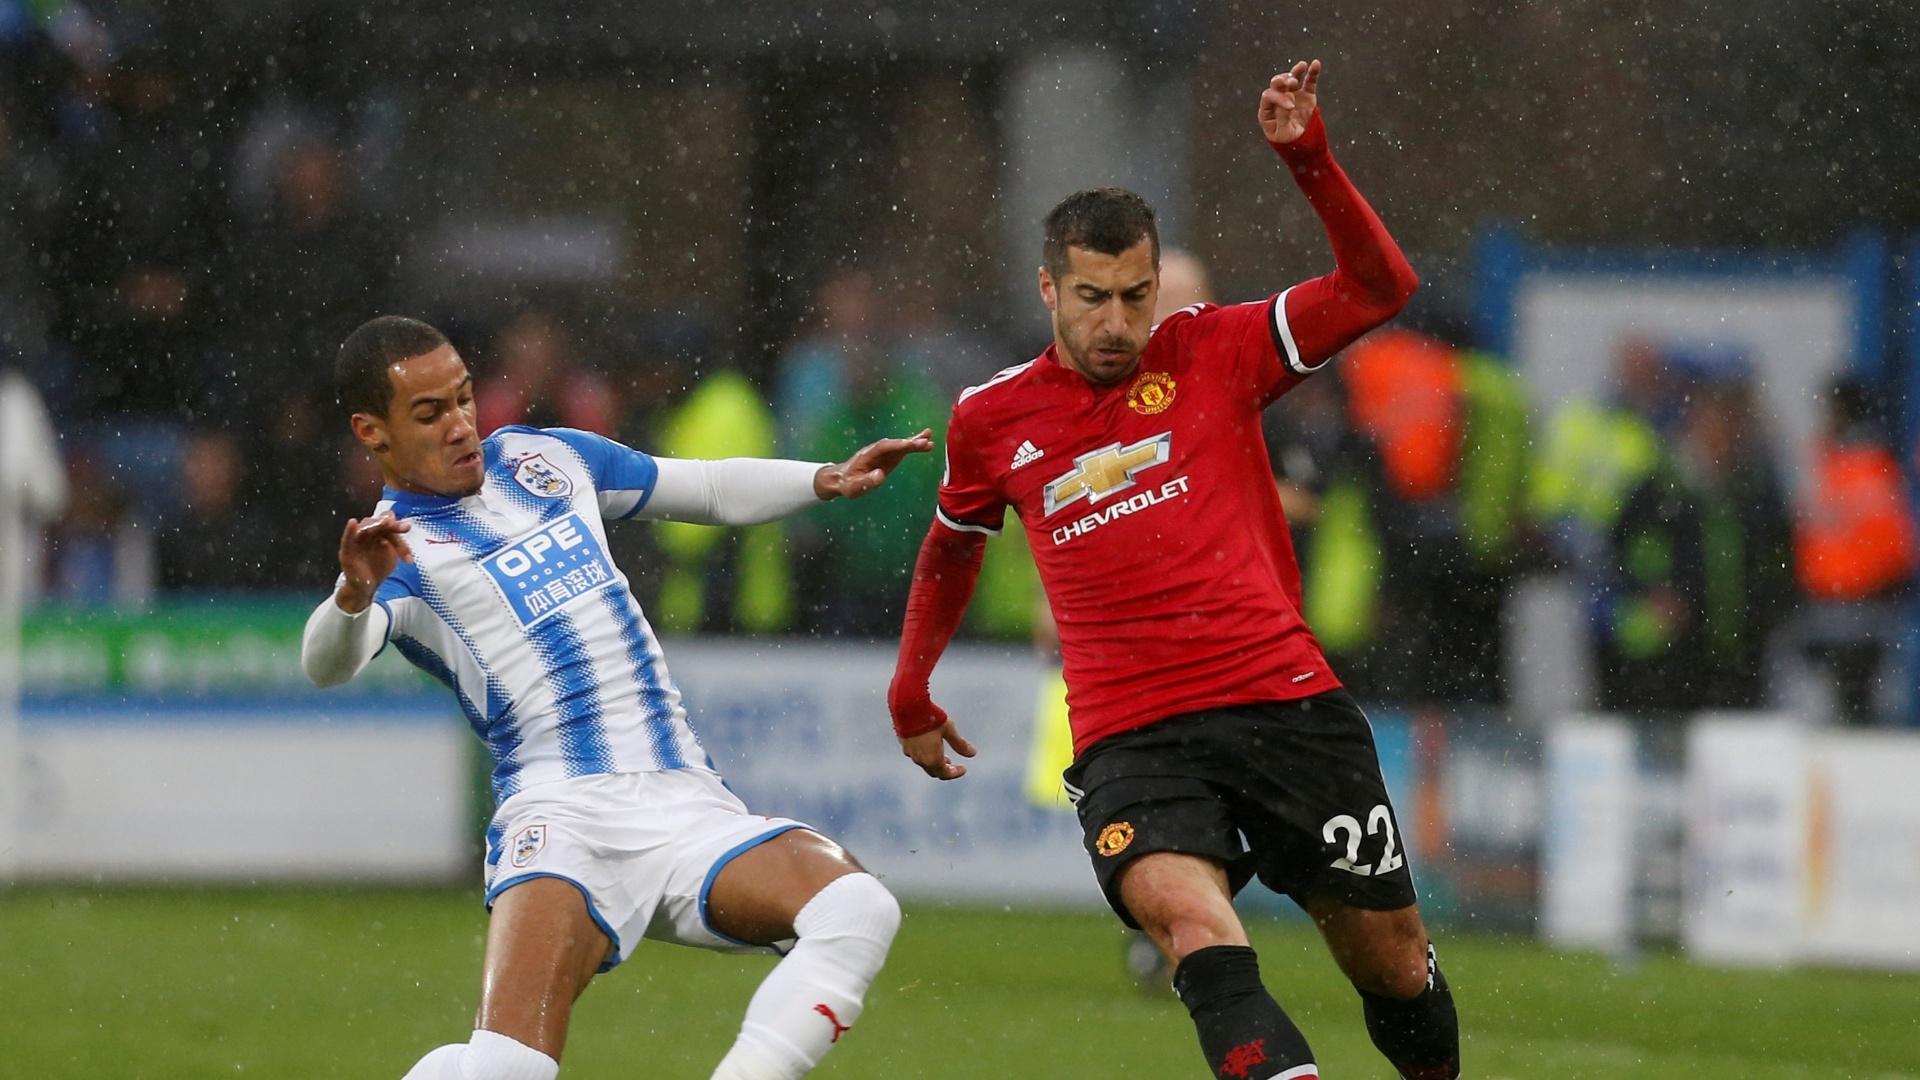 Disputa de bola entre jogadores do Manchester United e Huddersfield